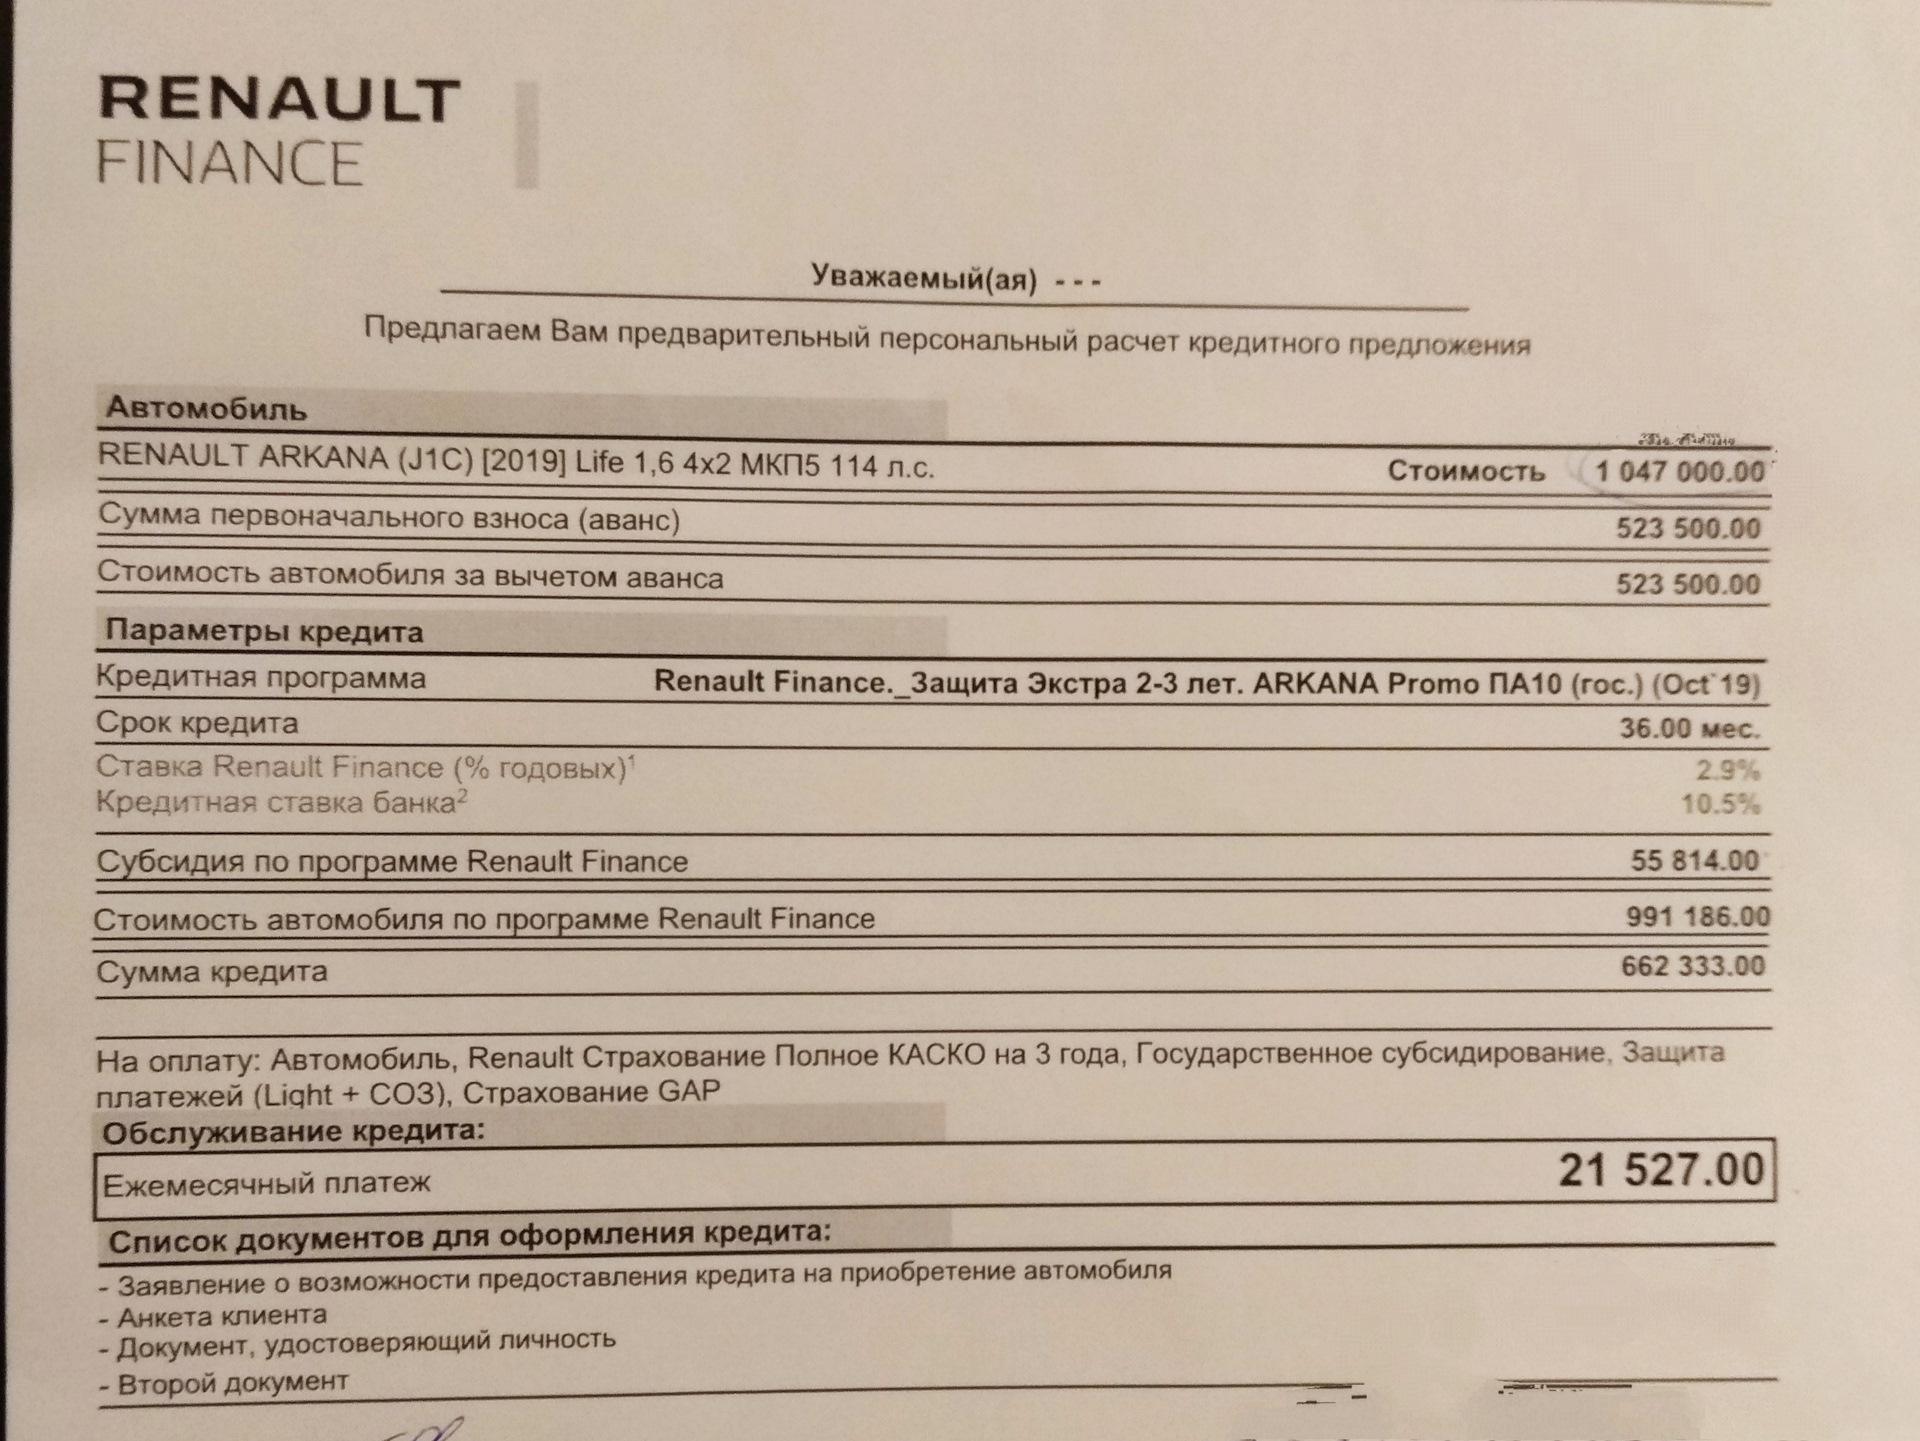 Второй документ для кредита